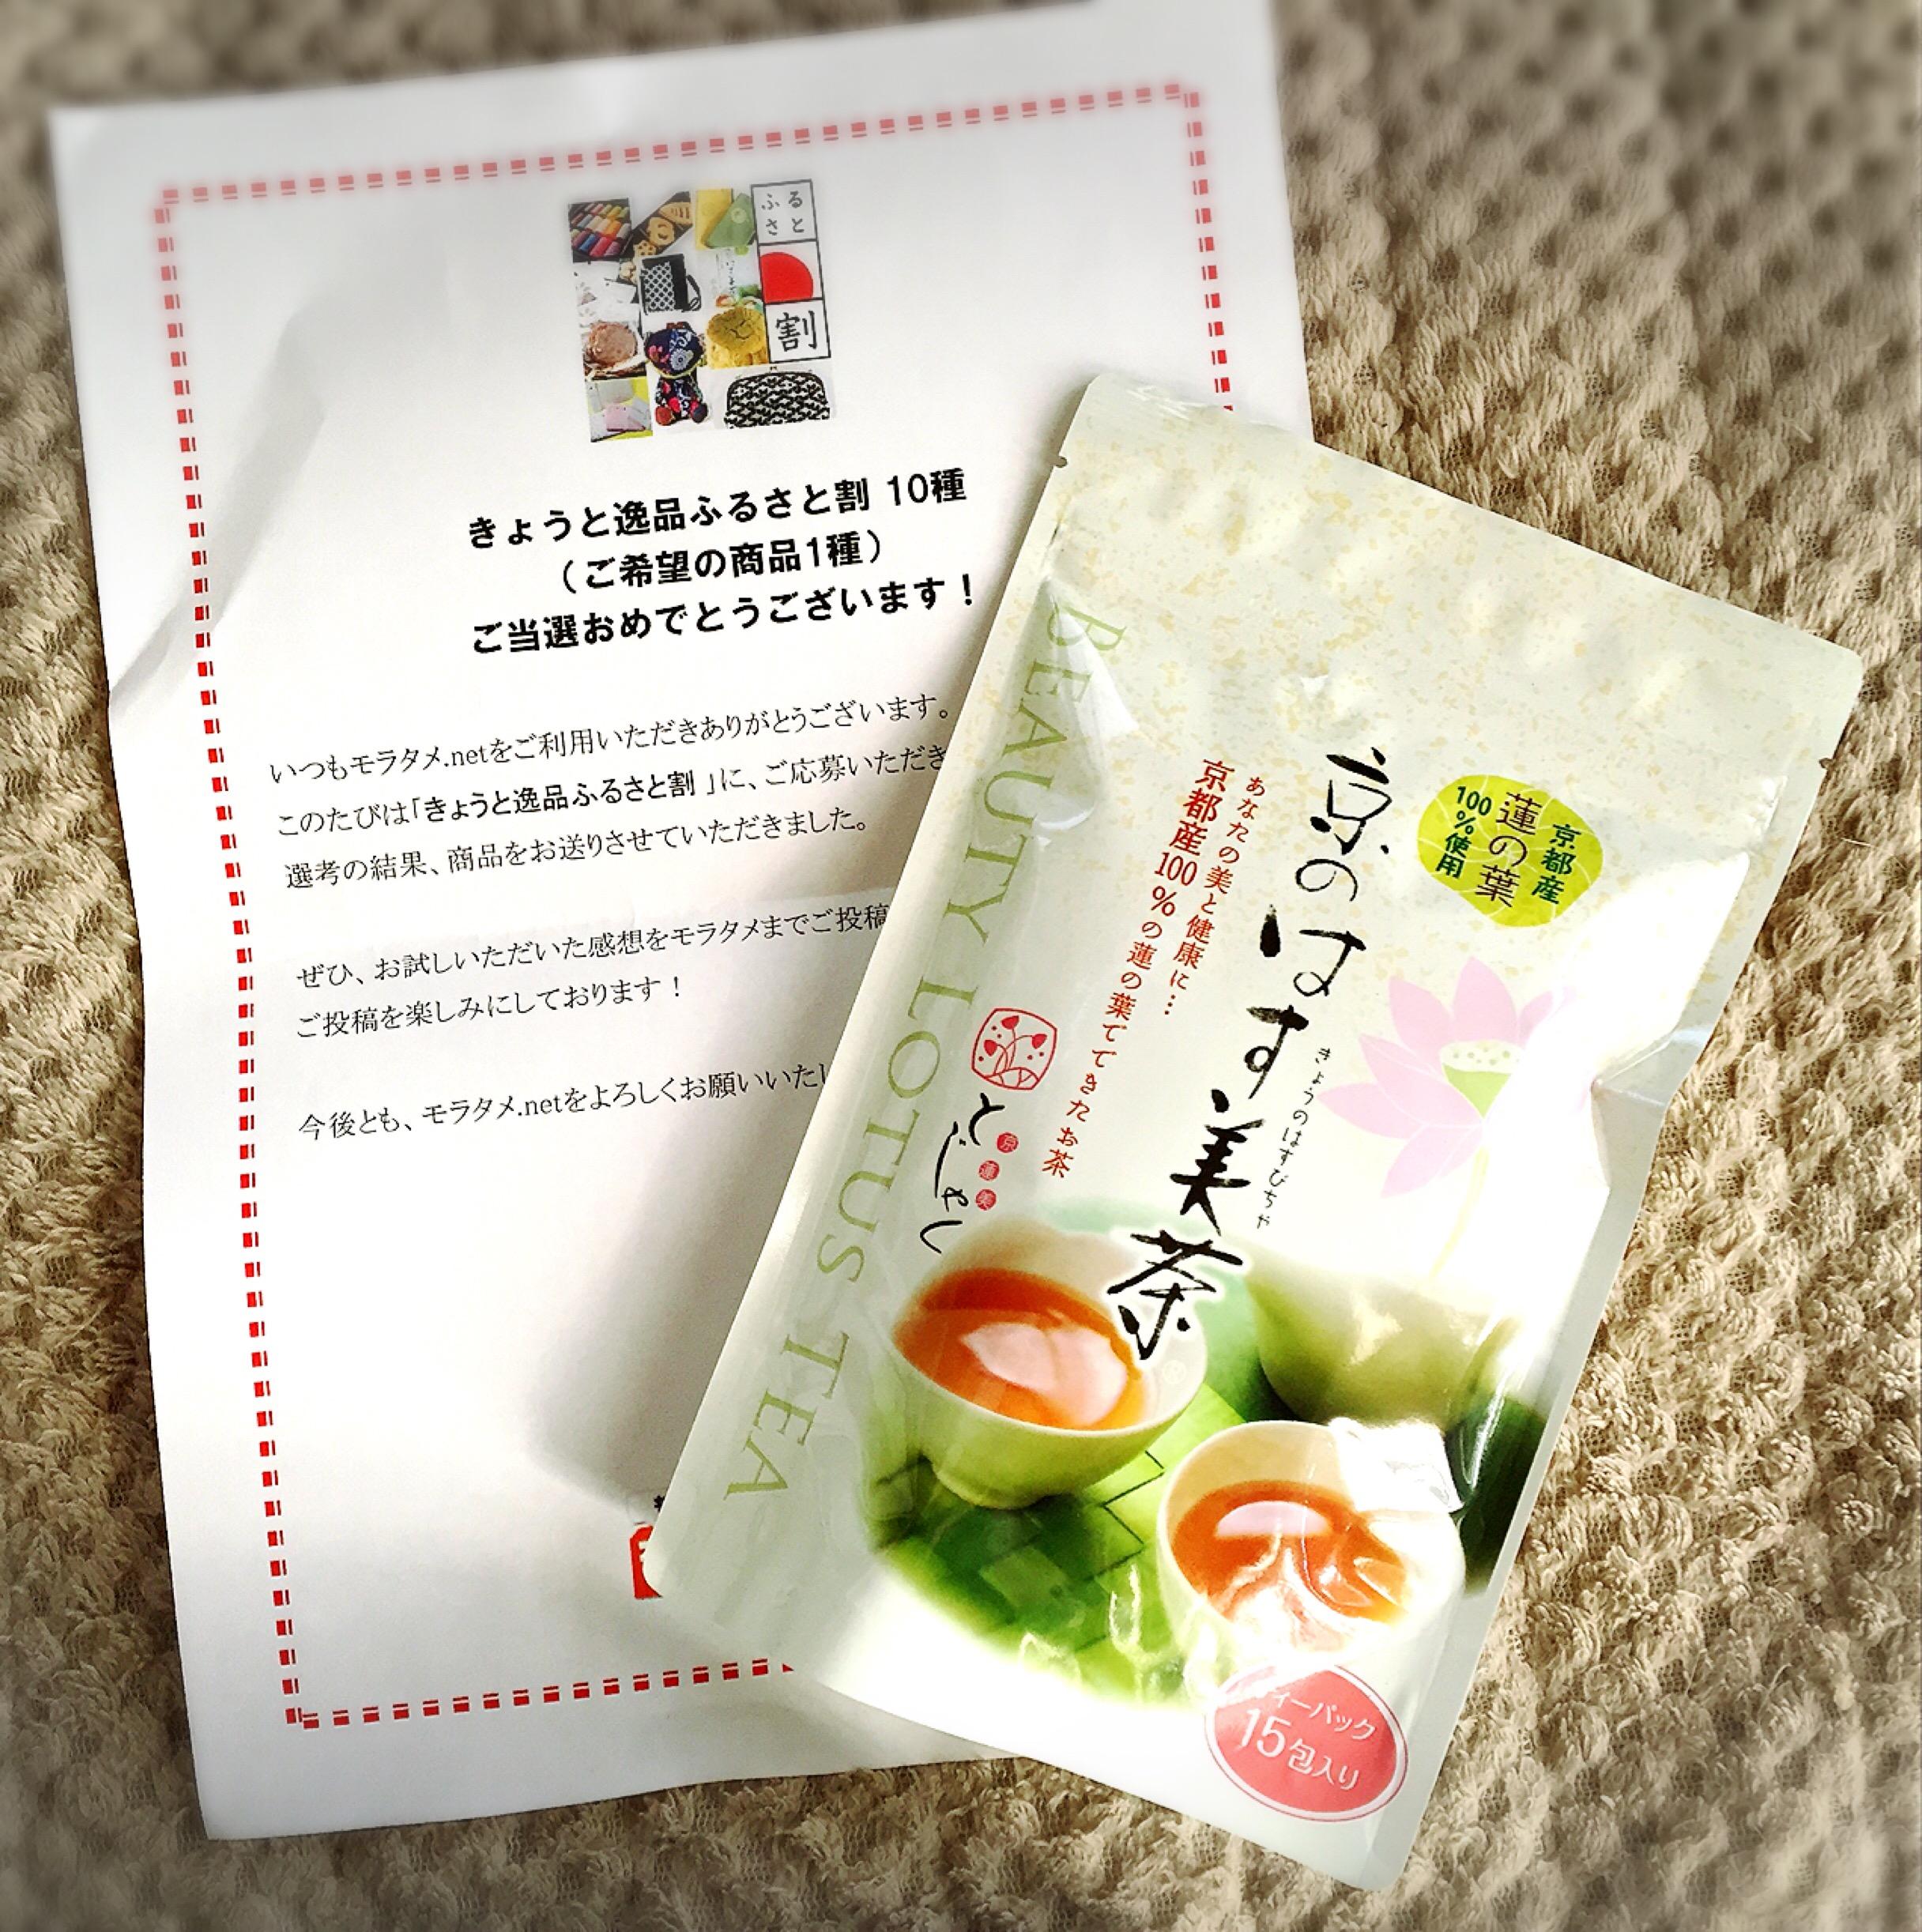 『京のはす美茶』を試してみた感想